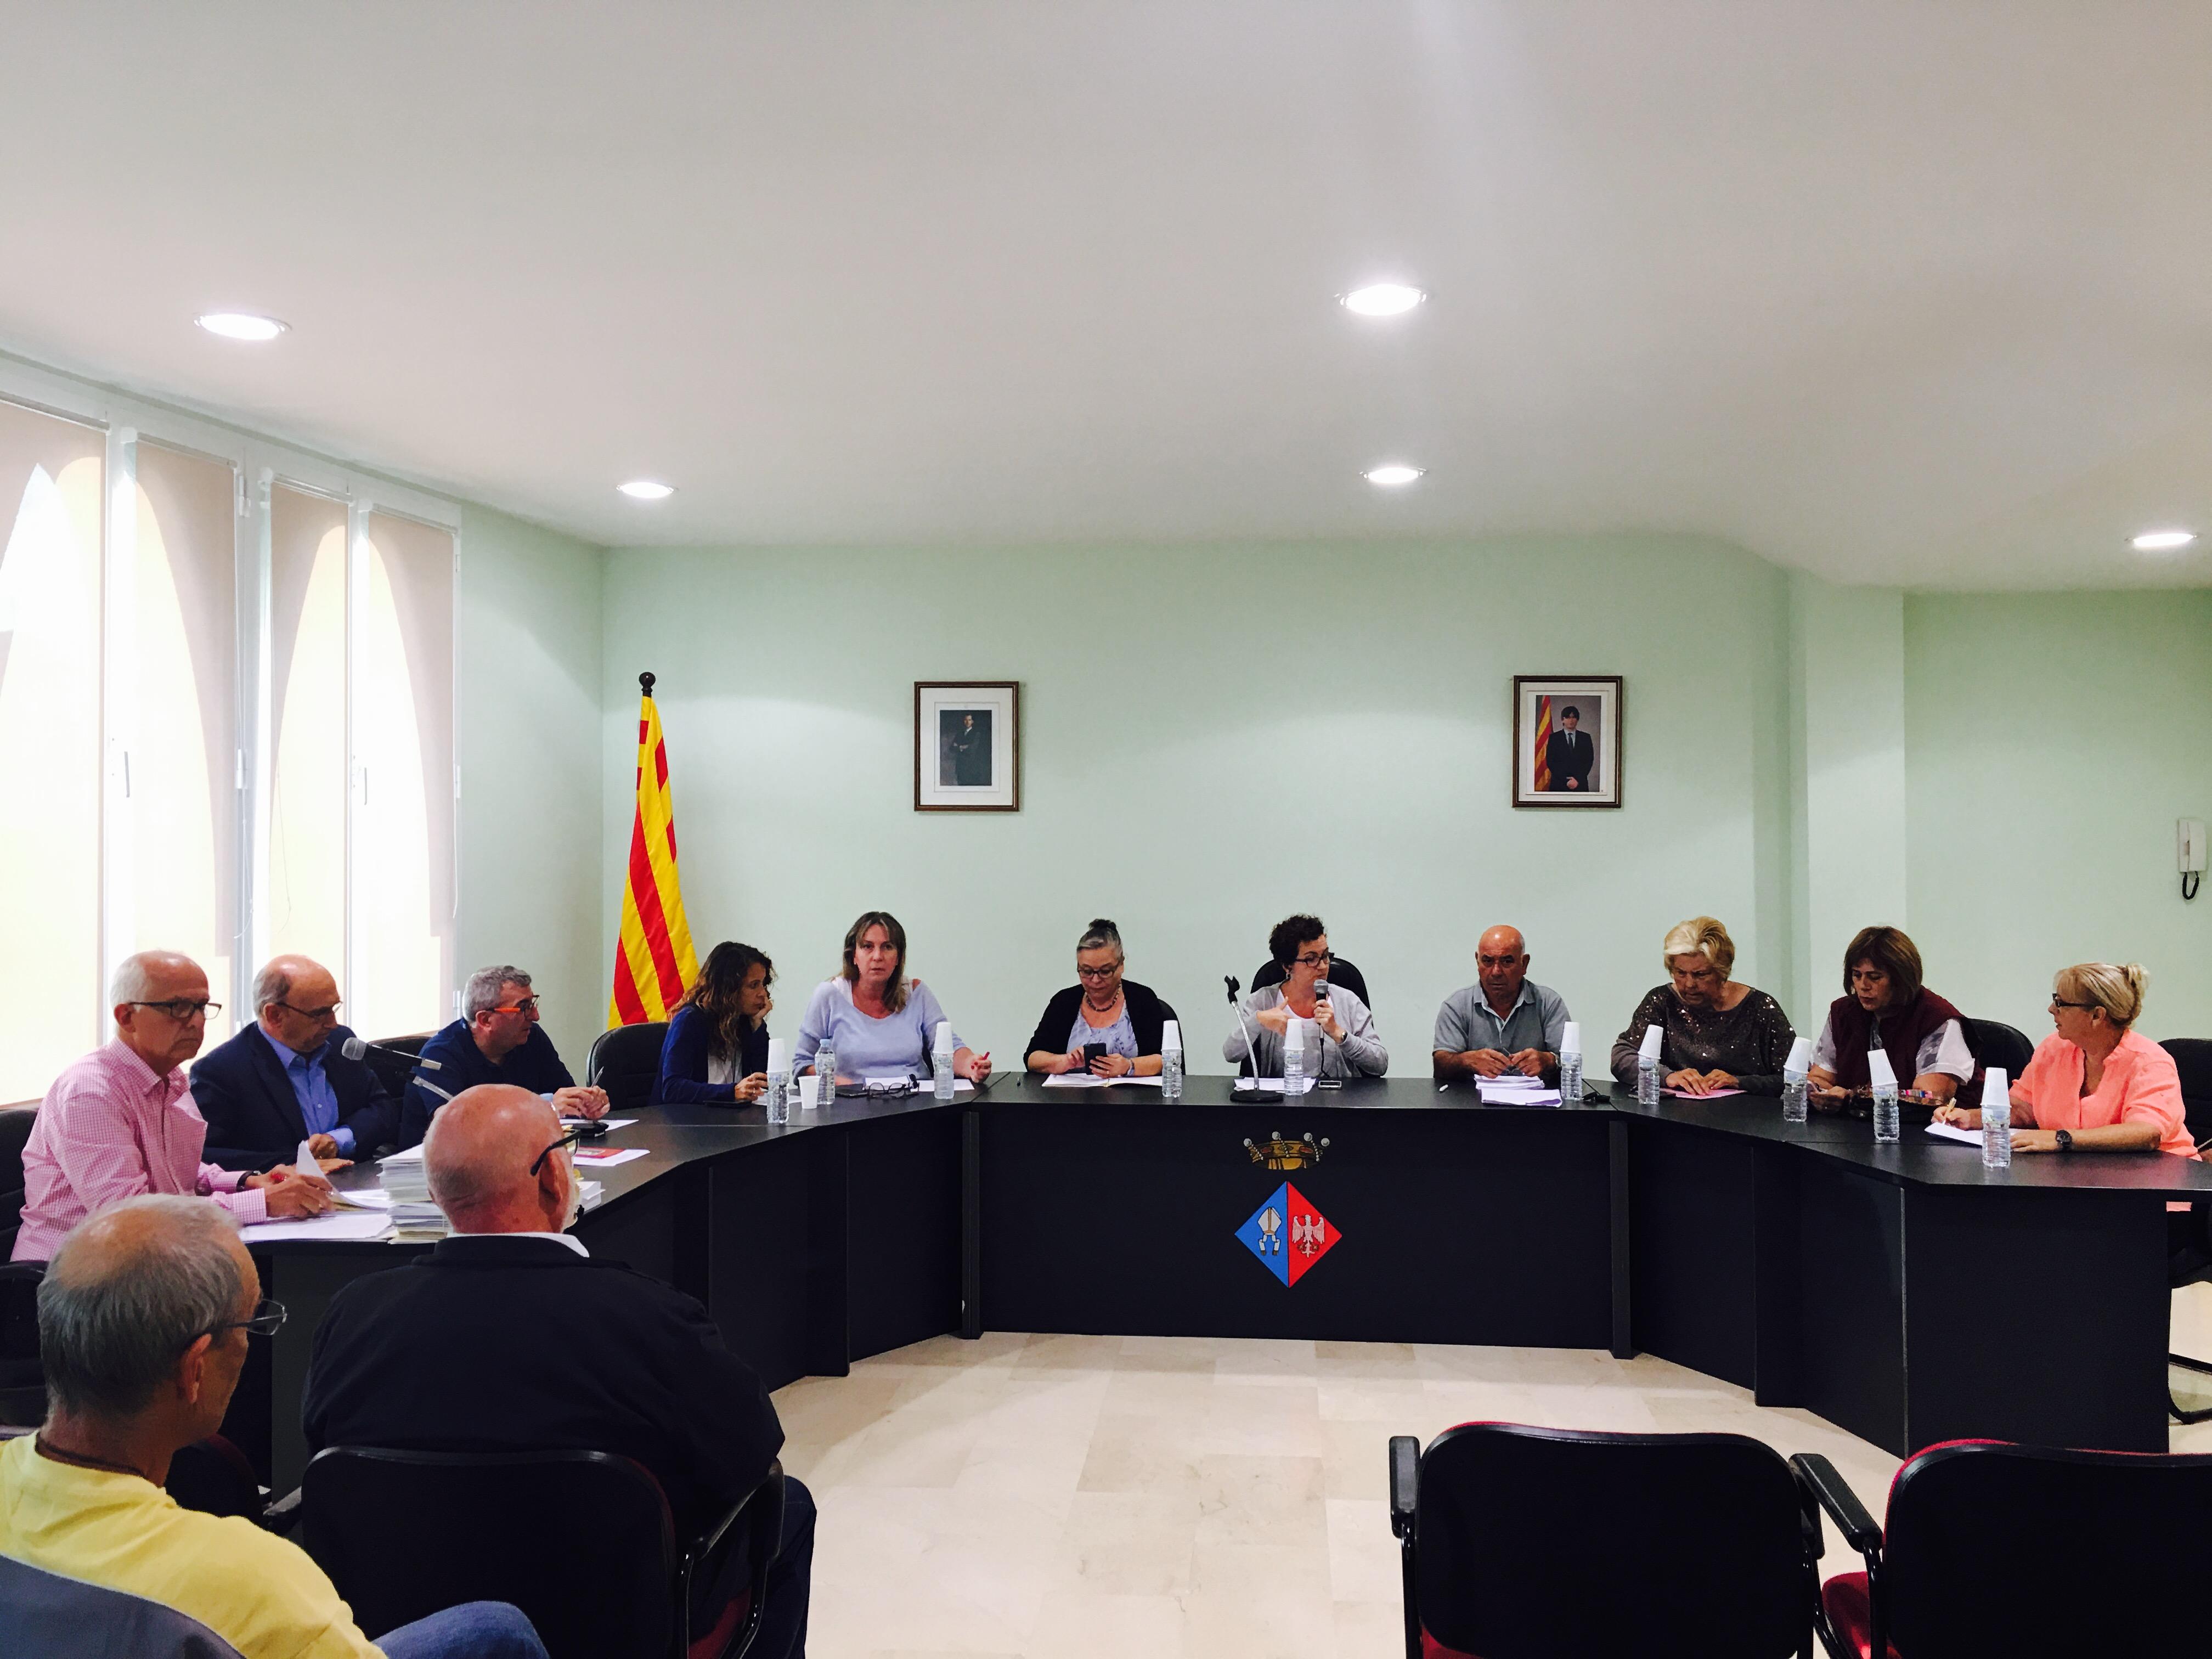 Dimecres 25 d'octubre a les 18h tindrà lloc una sessió extraordinària del Ple de l'Ajuntament de La Bisbal del Penedès